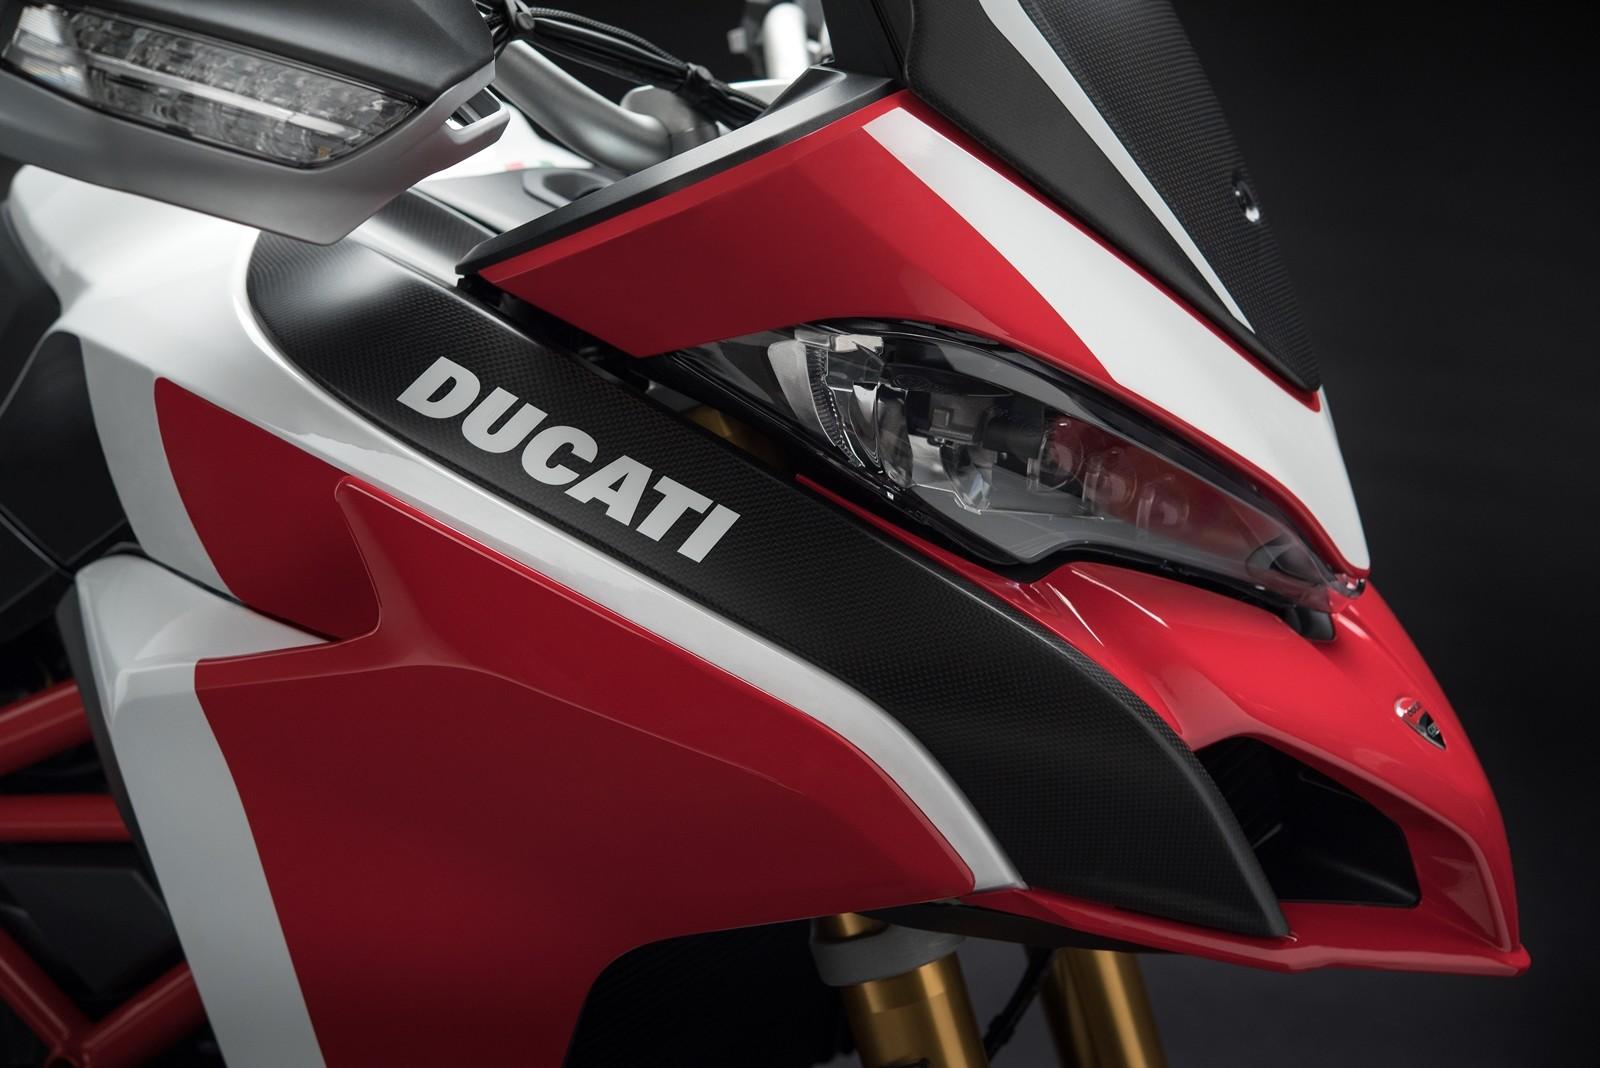 Foto de Ducati Multistrada 1260 Pikes Peak 2018 (8/9)